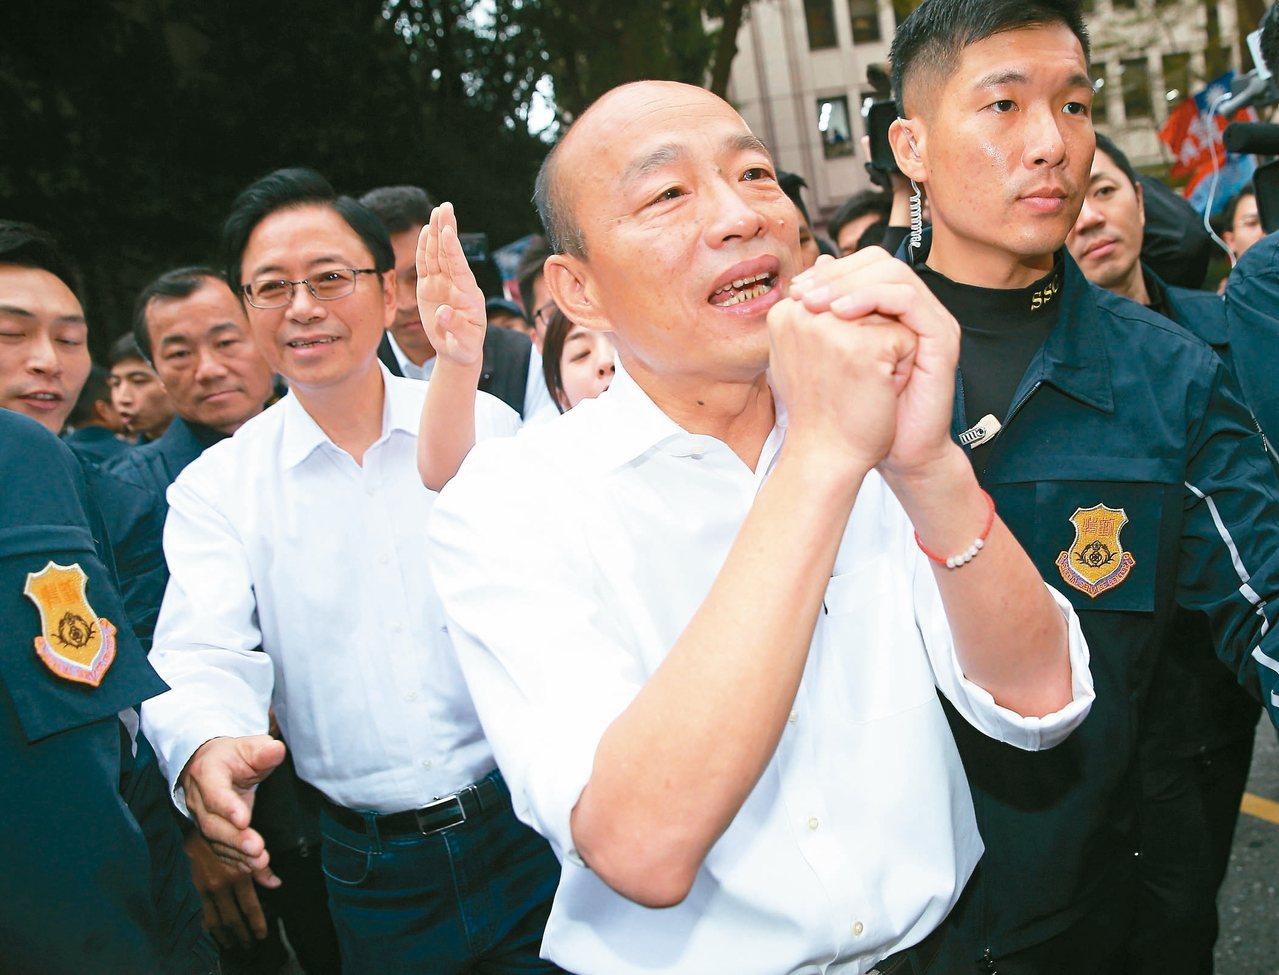 國民黨正副總統參選人韓國瑜(前右)與張善政(前左)完成登記後,步出中選會向支持者...